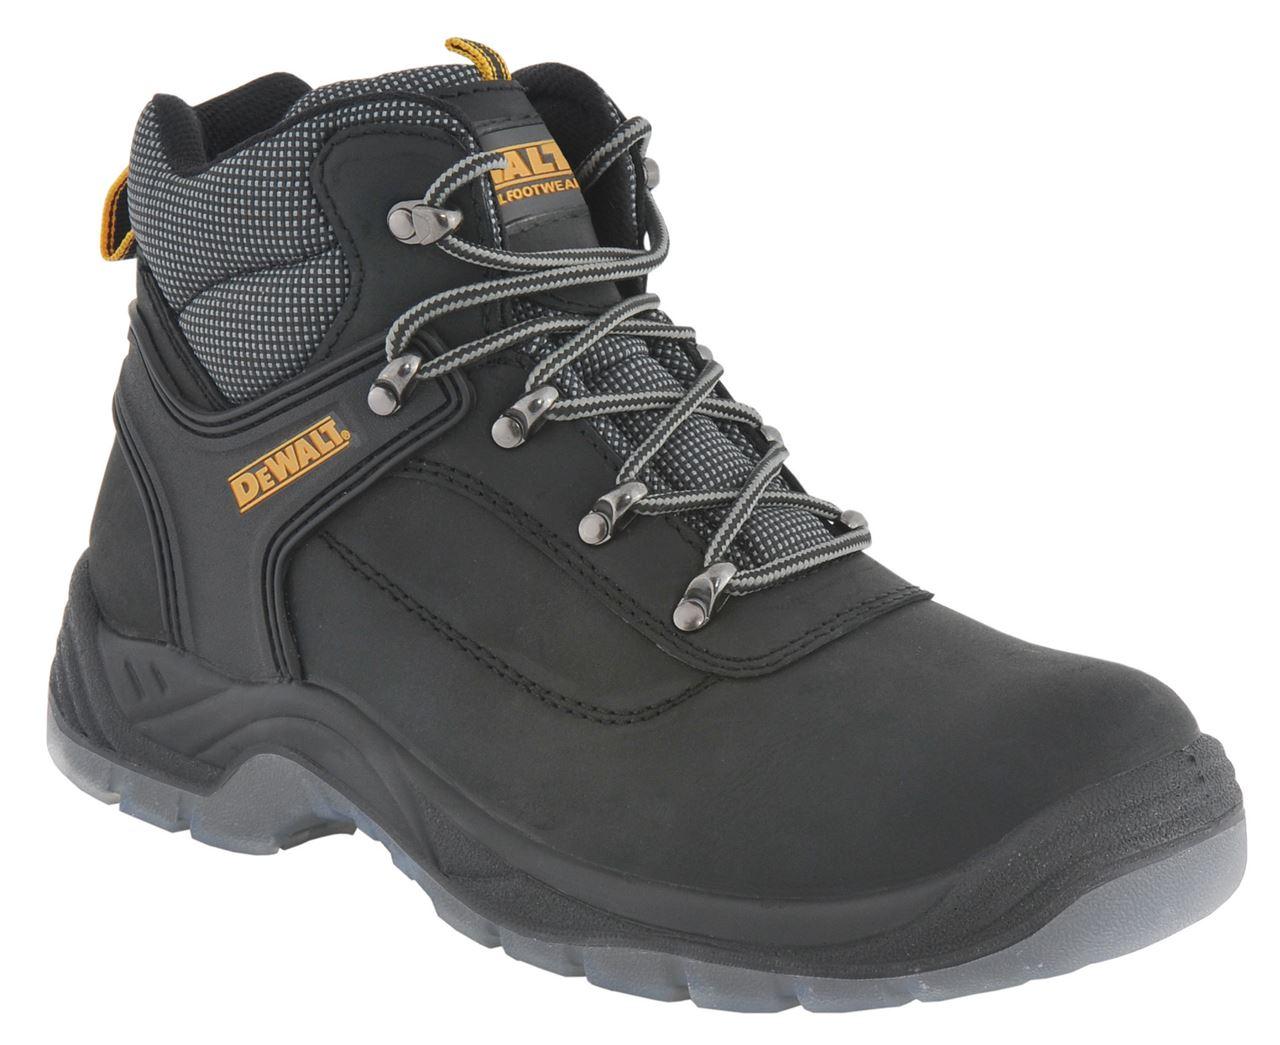 26bea26dcfc DeWALT Laser Safety S1-P Steel Toe-Cap Hiker Boot - Black